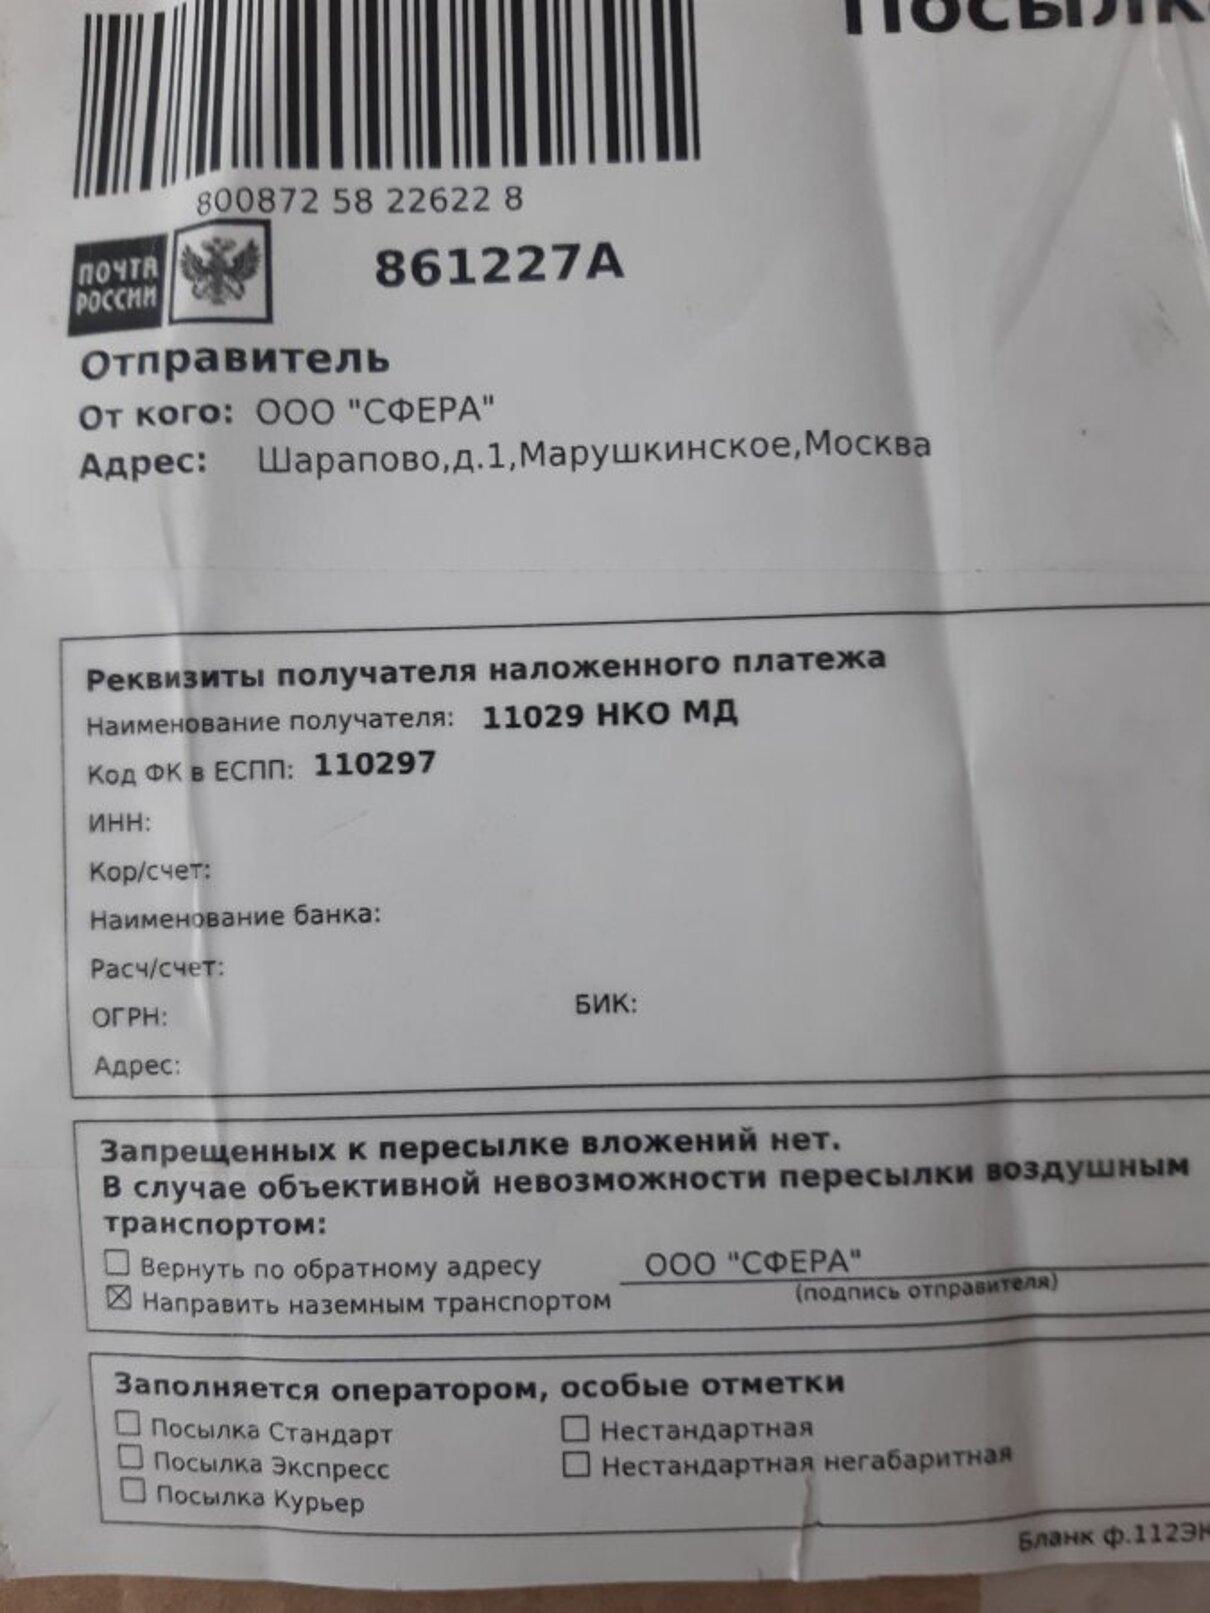 Жалоба-отзыв: 11029 НКО МД - Вместо двух детских планшетов - носки.  Фото №3